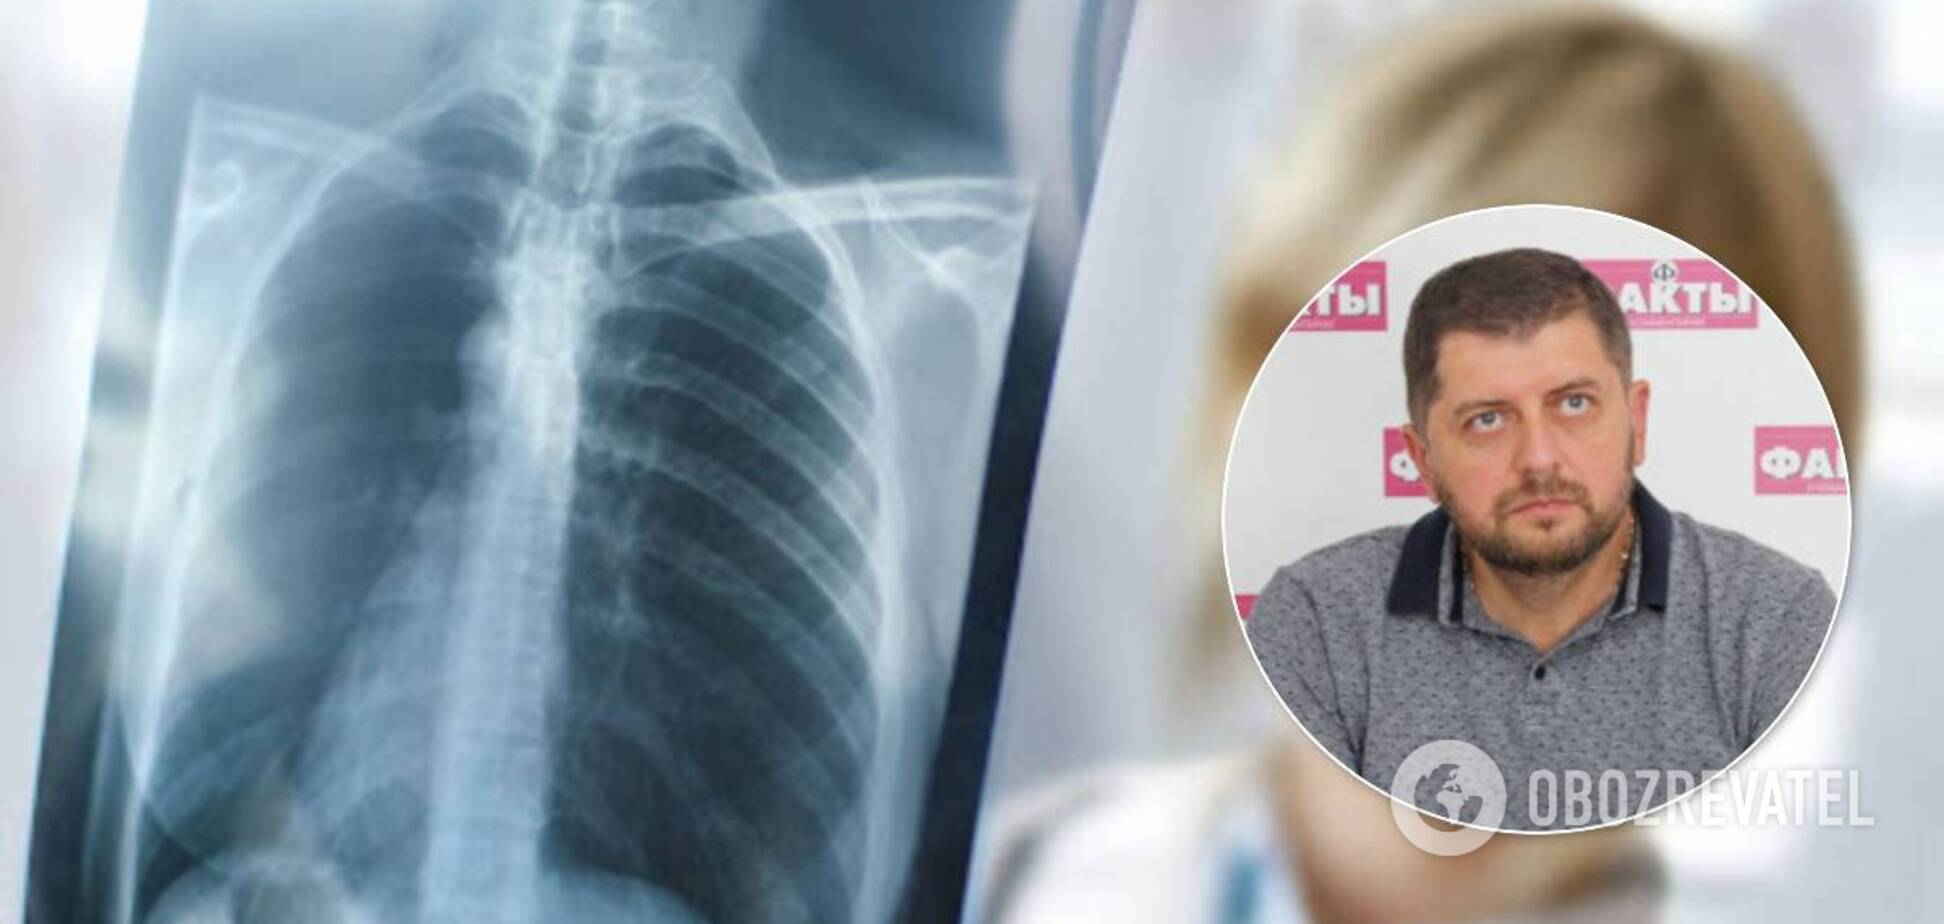 Вирусная пневмония часто развивается молниеносно, – Евгений Симонец